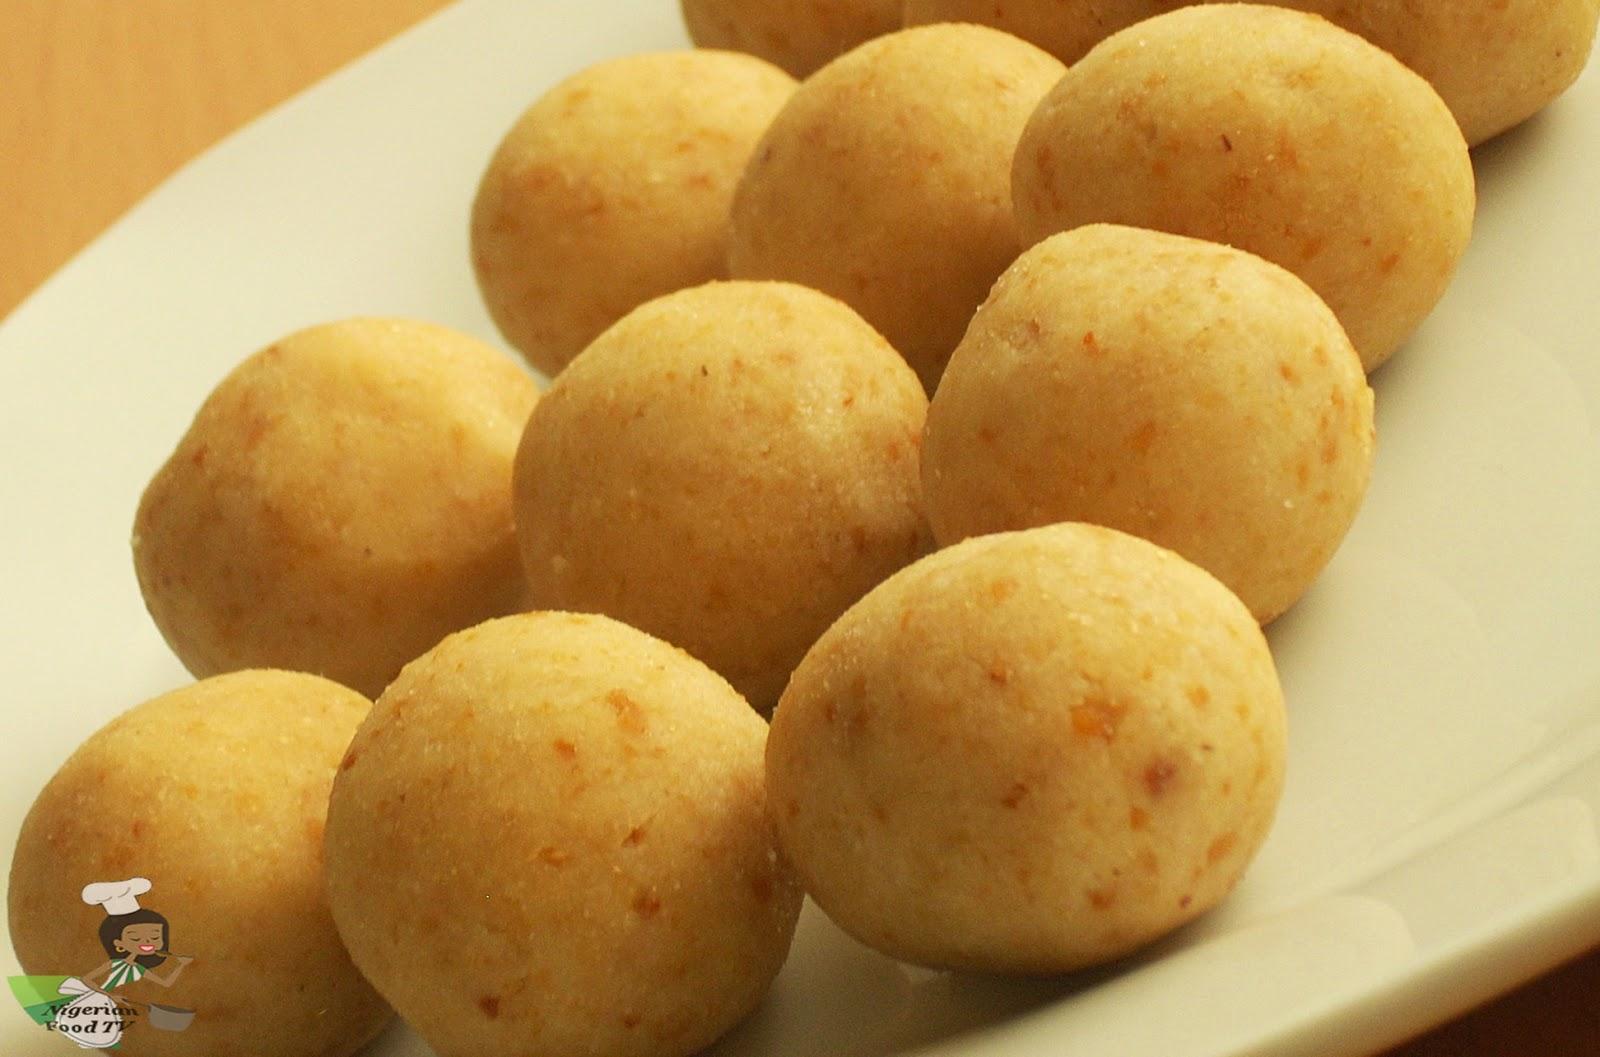 Donkwa (dodonkwa) Tanfiri / Tanfirin recipe